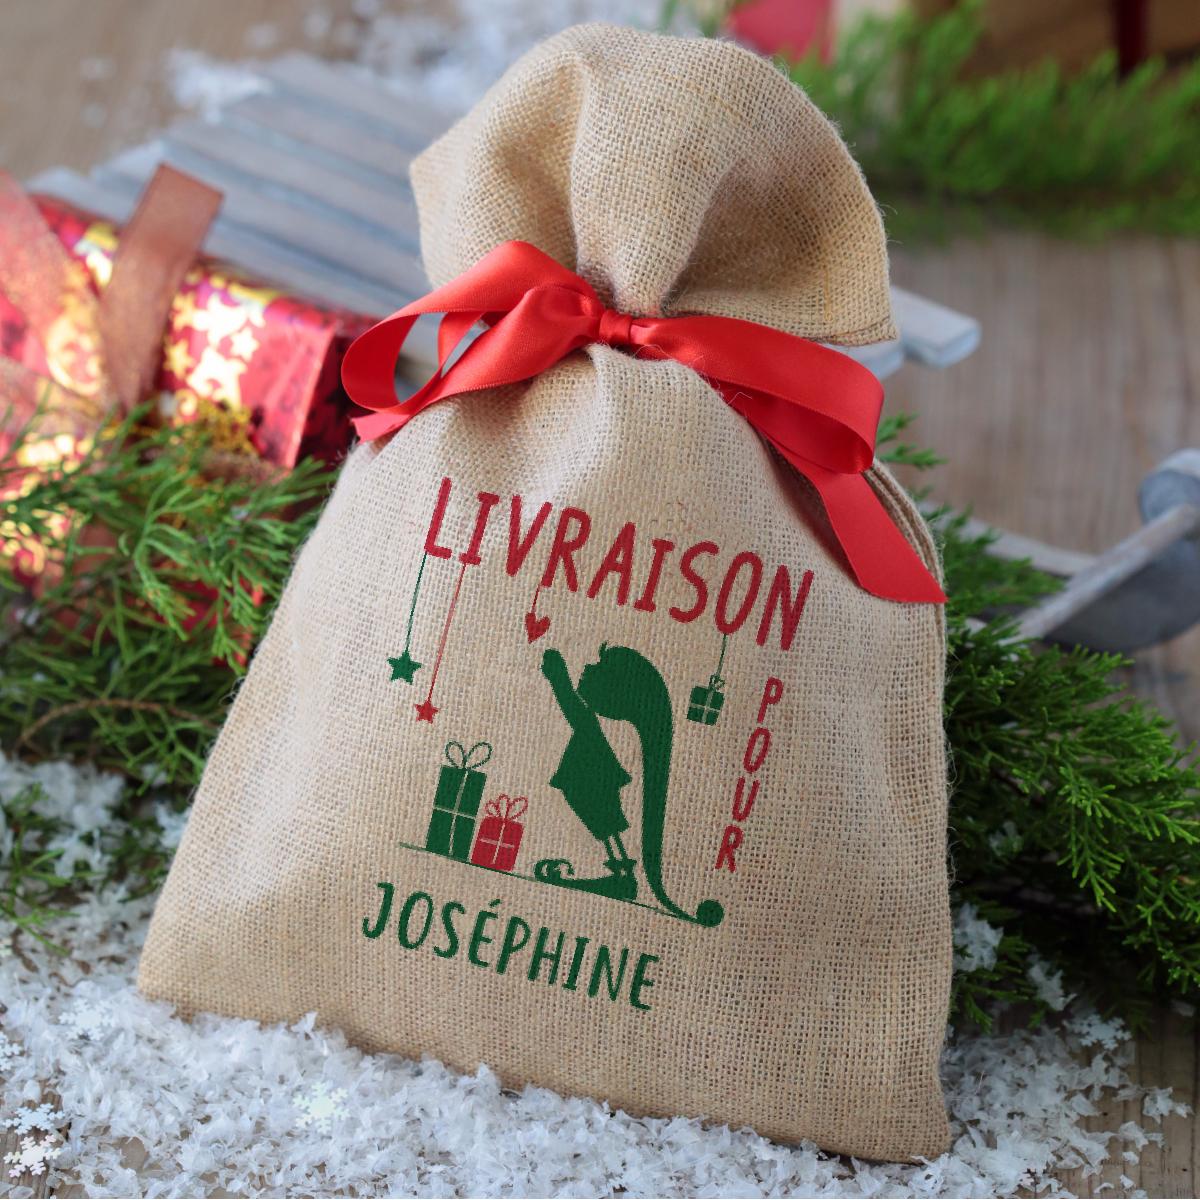 Cette année Noël sera personnalisé ! Hottes, chaussettes, étiquettes…